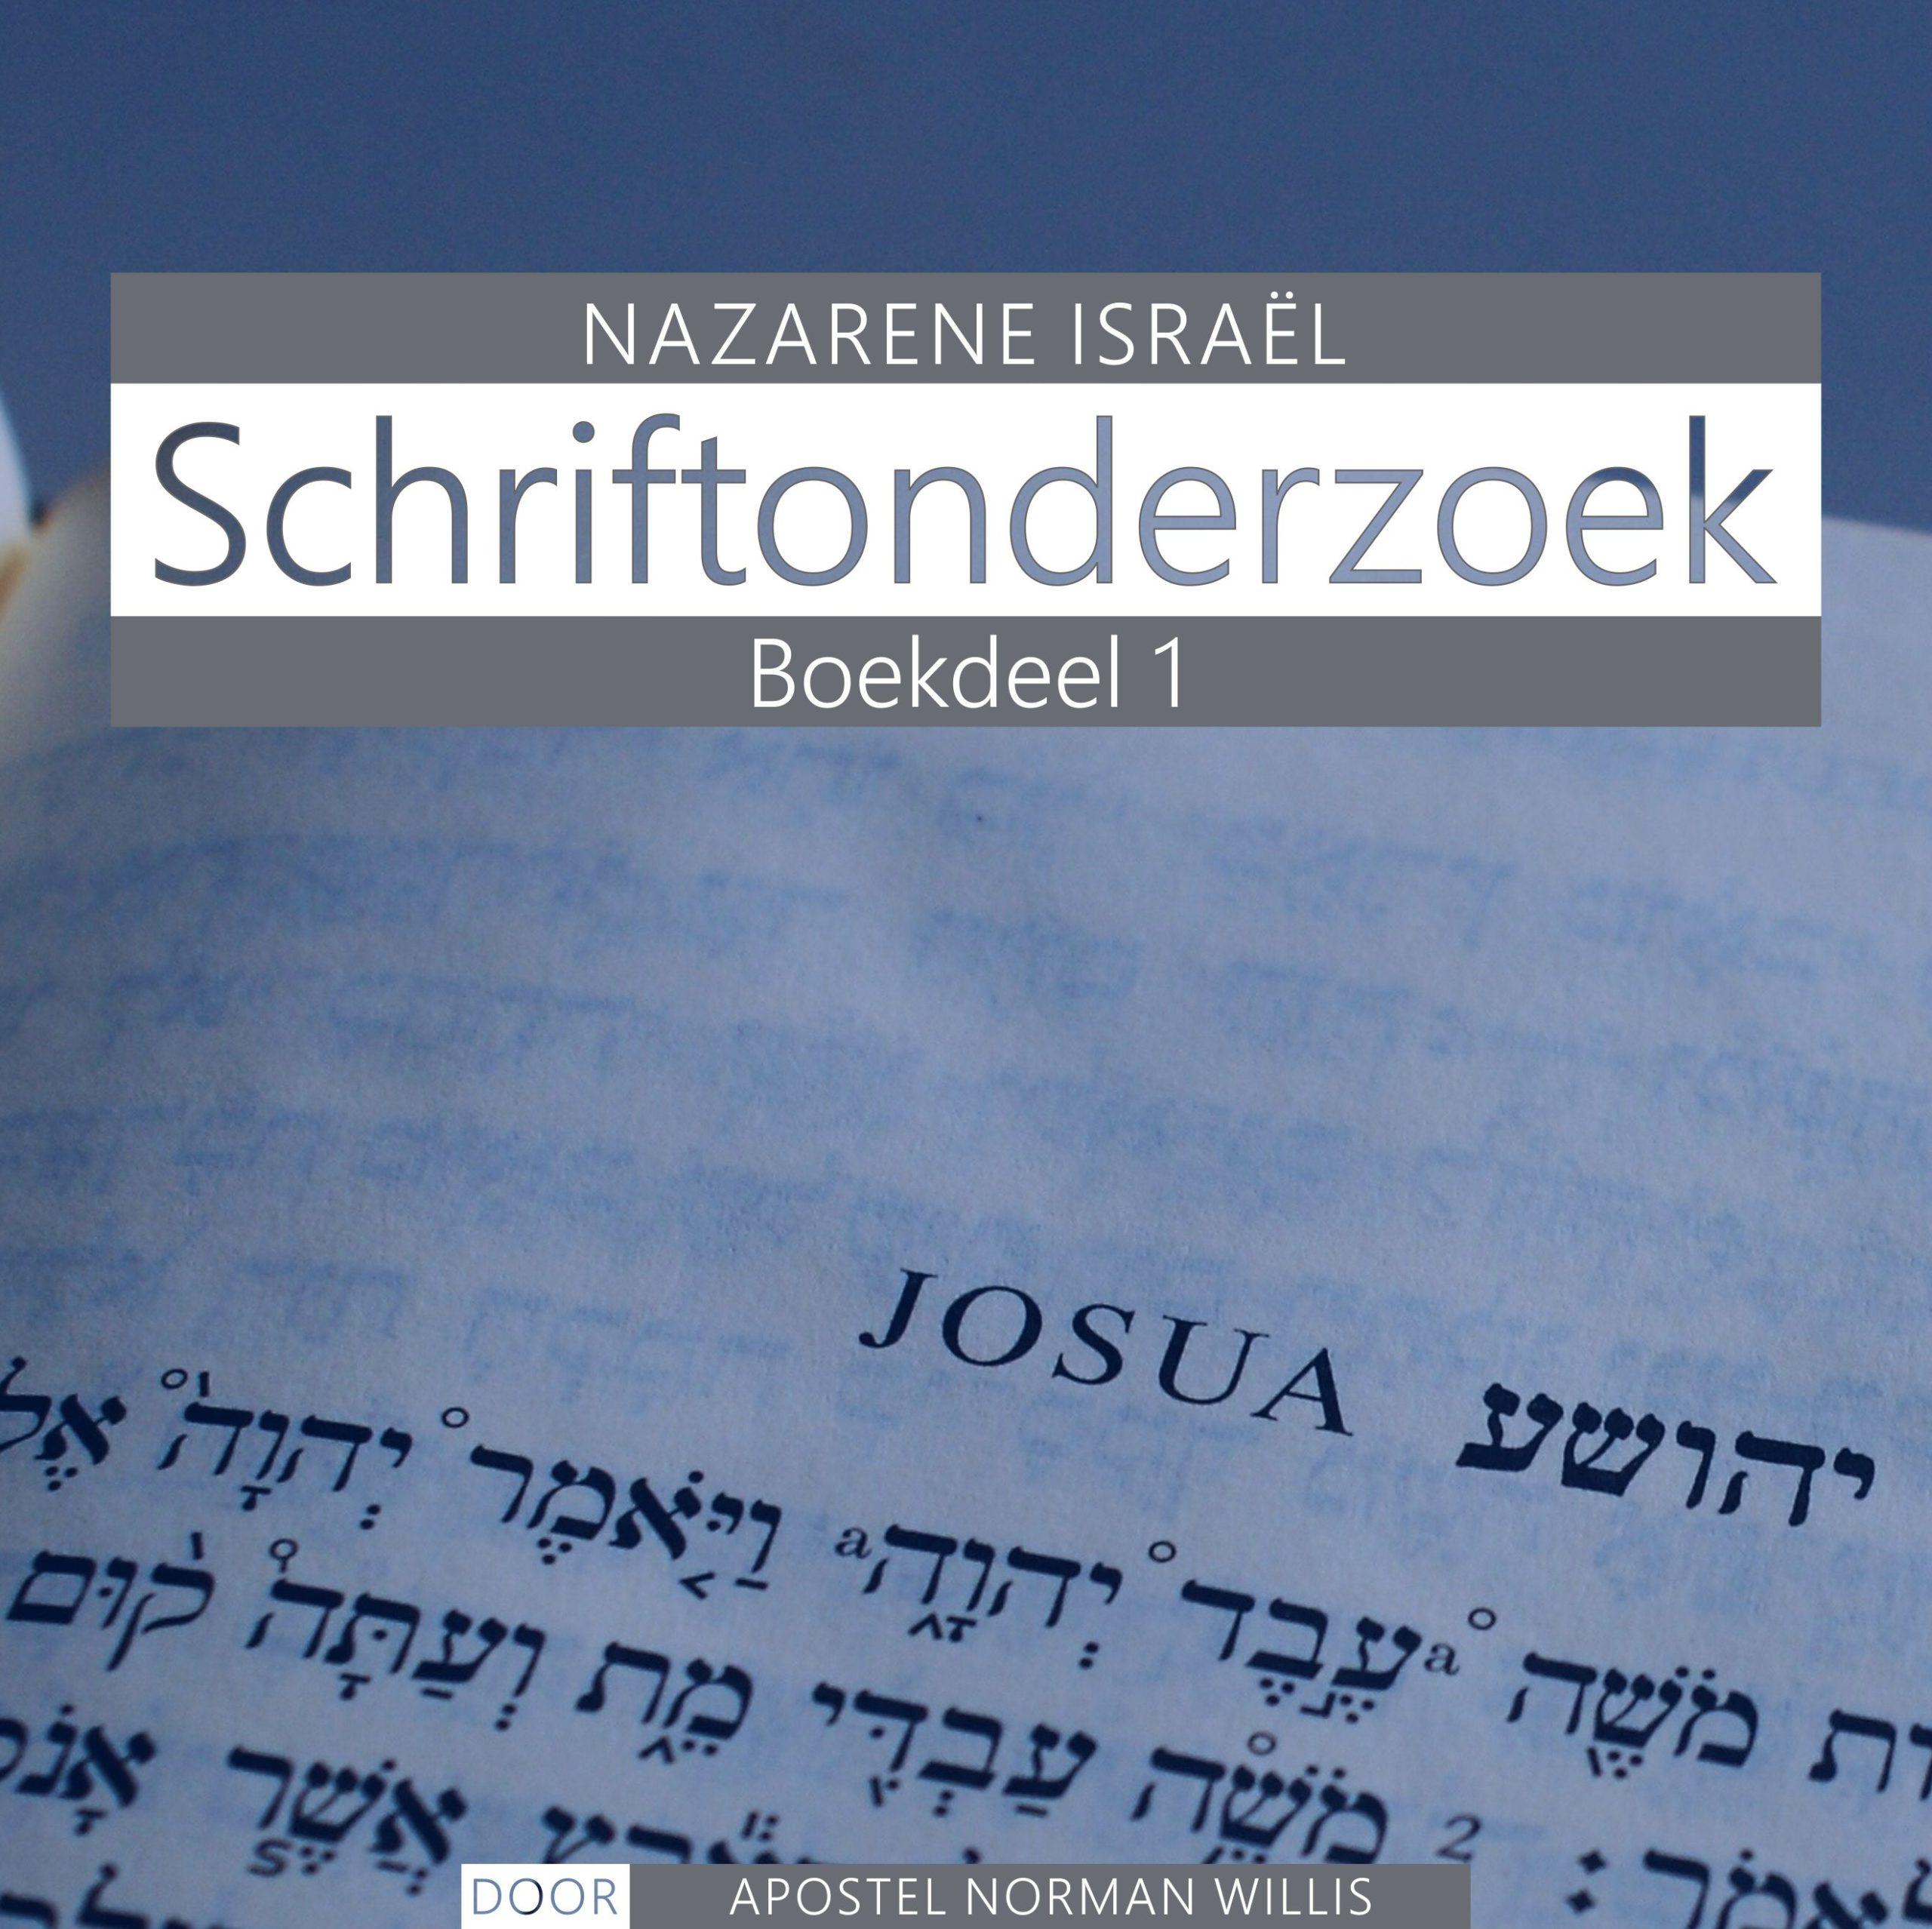 Nazarener Schriftonderzoek Boekdeel 1